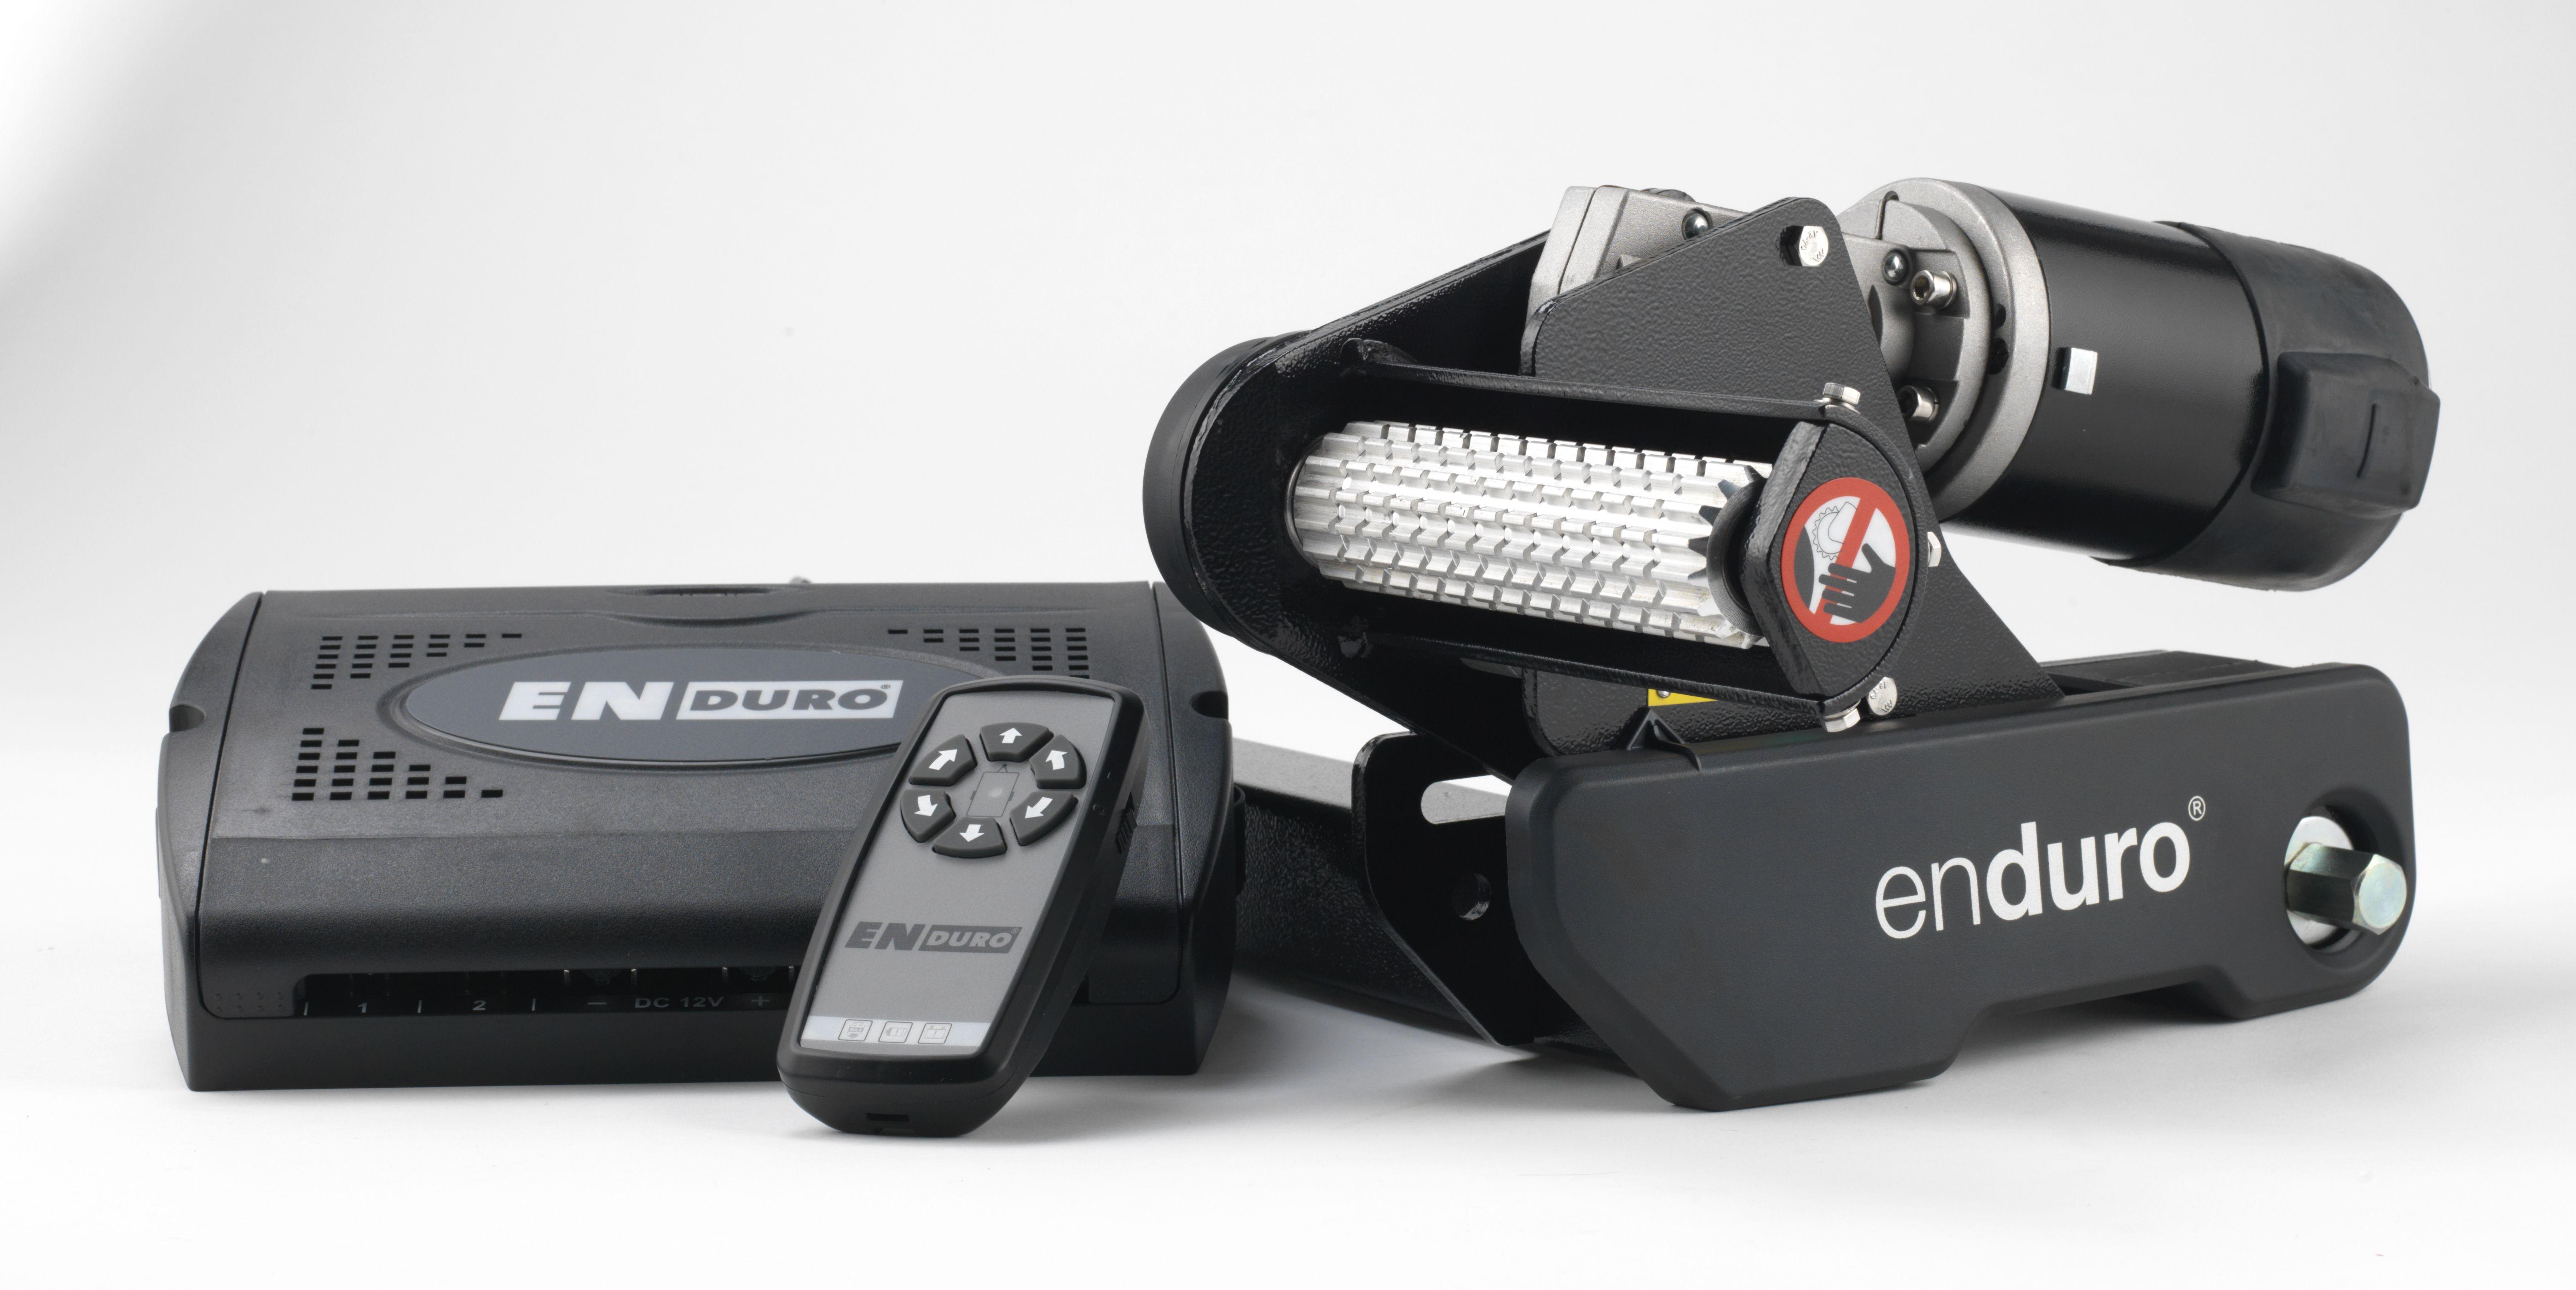 Enduro mover Eco2 med manuel tilkobling til campingvognen